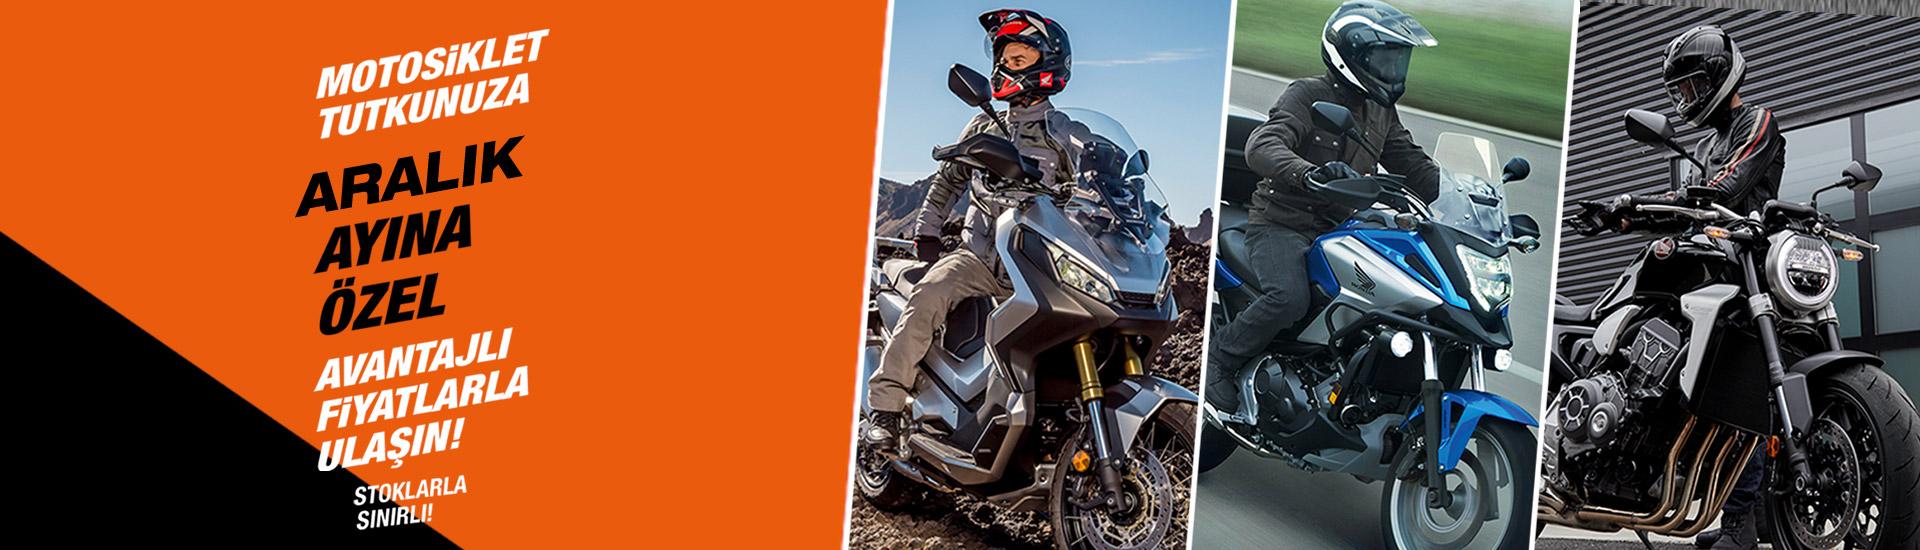 Motosiklet Tutkunuza Aralık Ayına Özel Avantajlı Fiyatlarla Ulaşın!